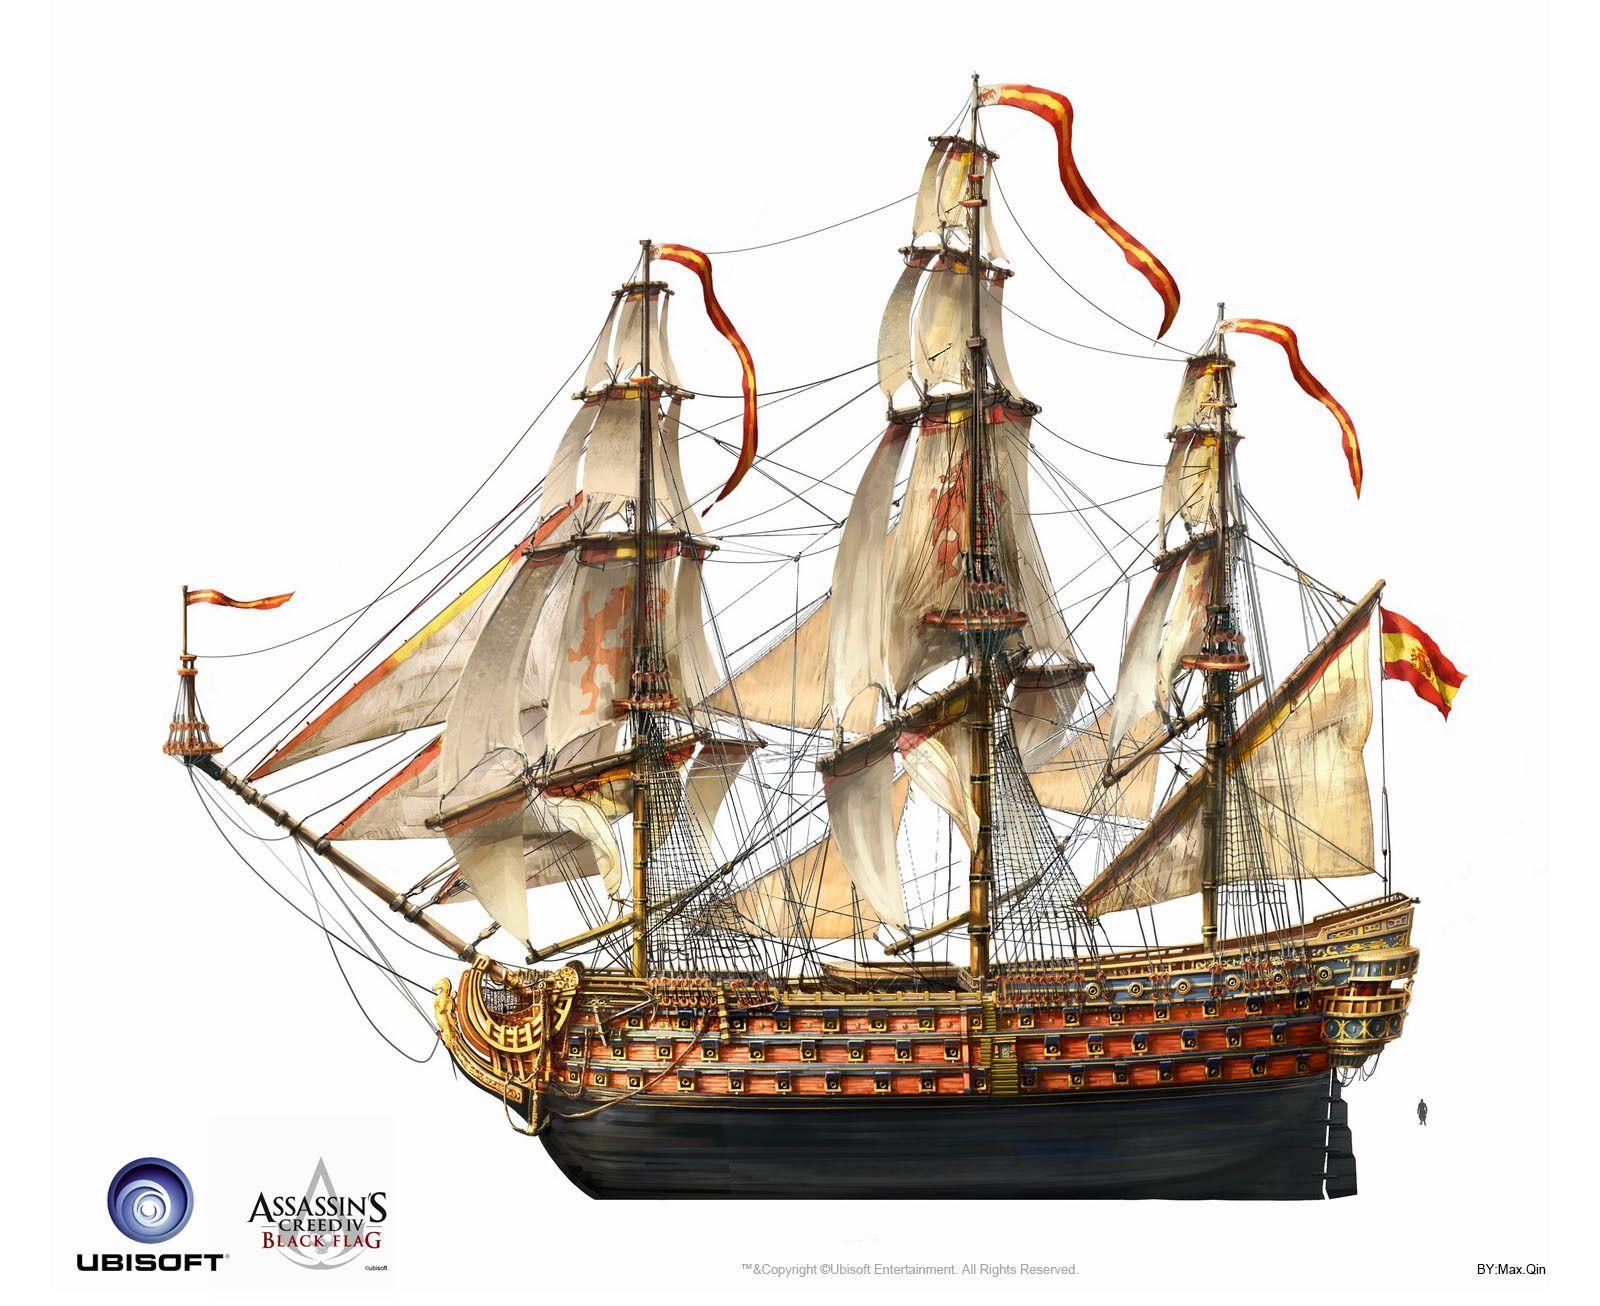 Max Qin Gallery Assassins Creed Black Flag Sailing Ships Assassins Creed